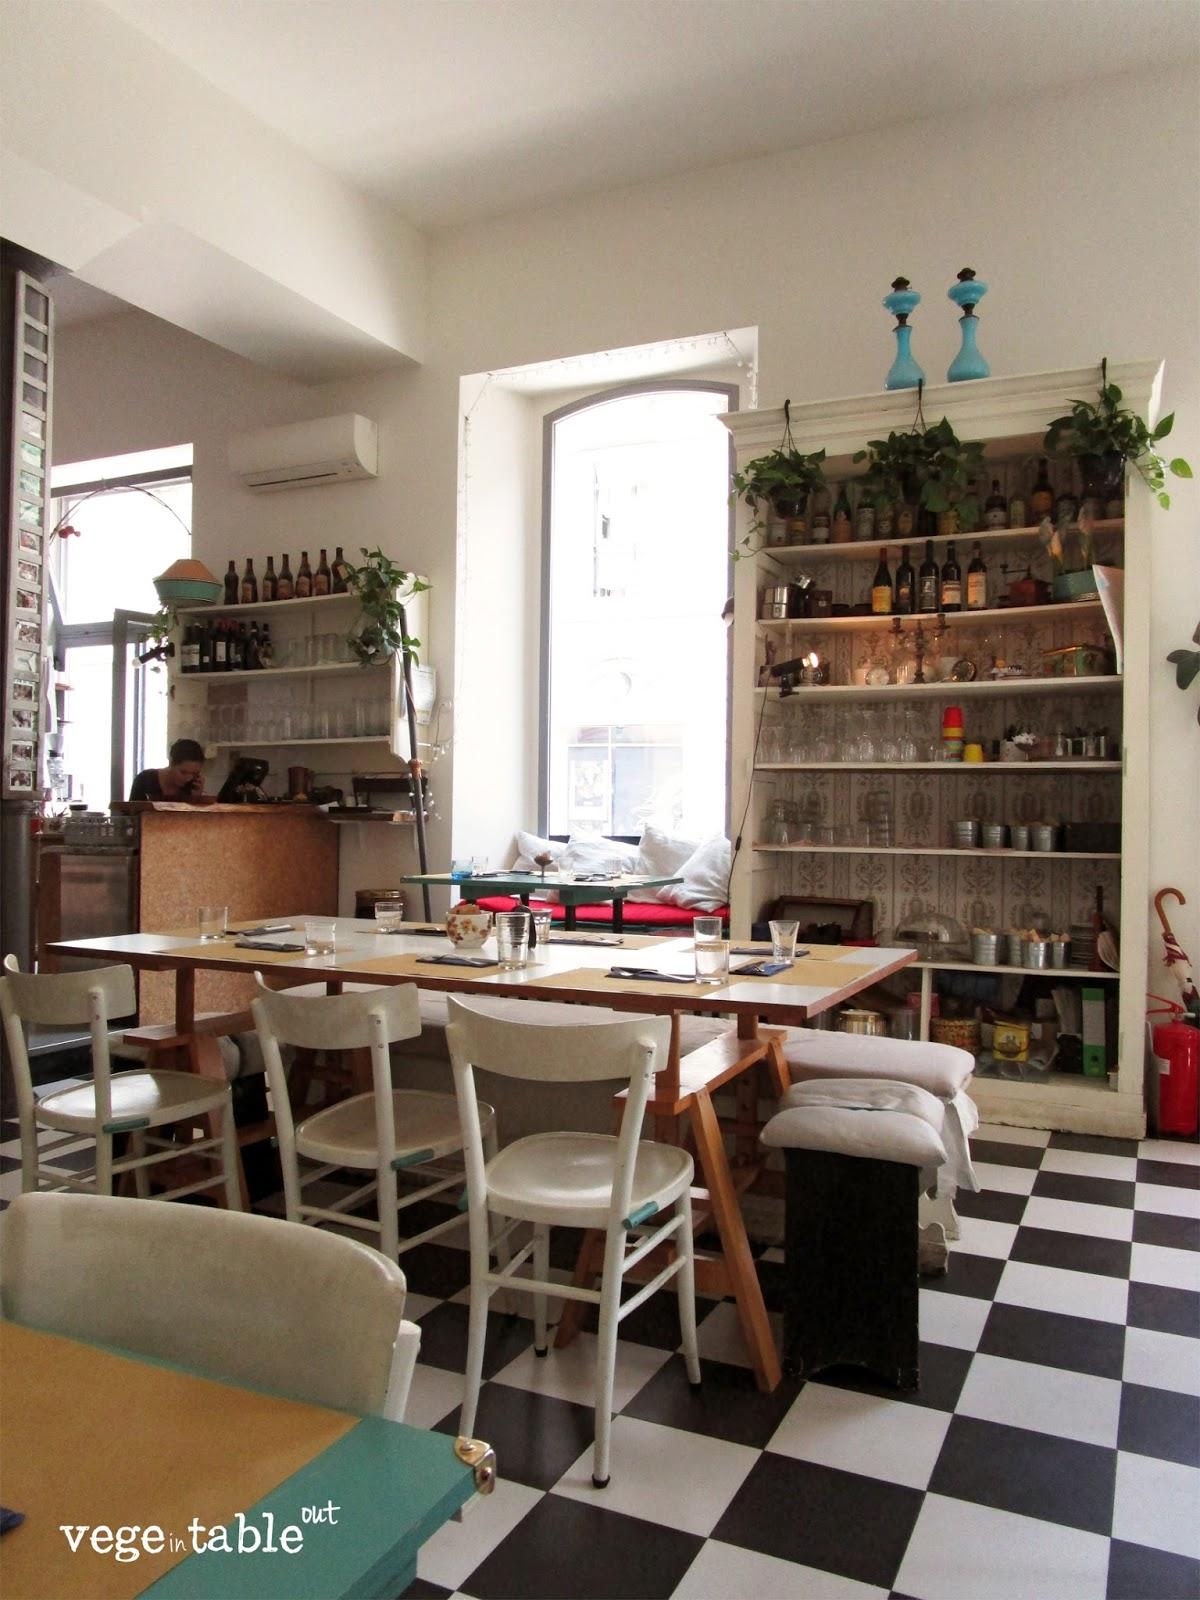 vegeintable: ma...valà...banco e cucina a milano - E Cucina Verona